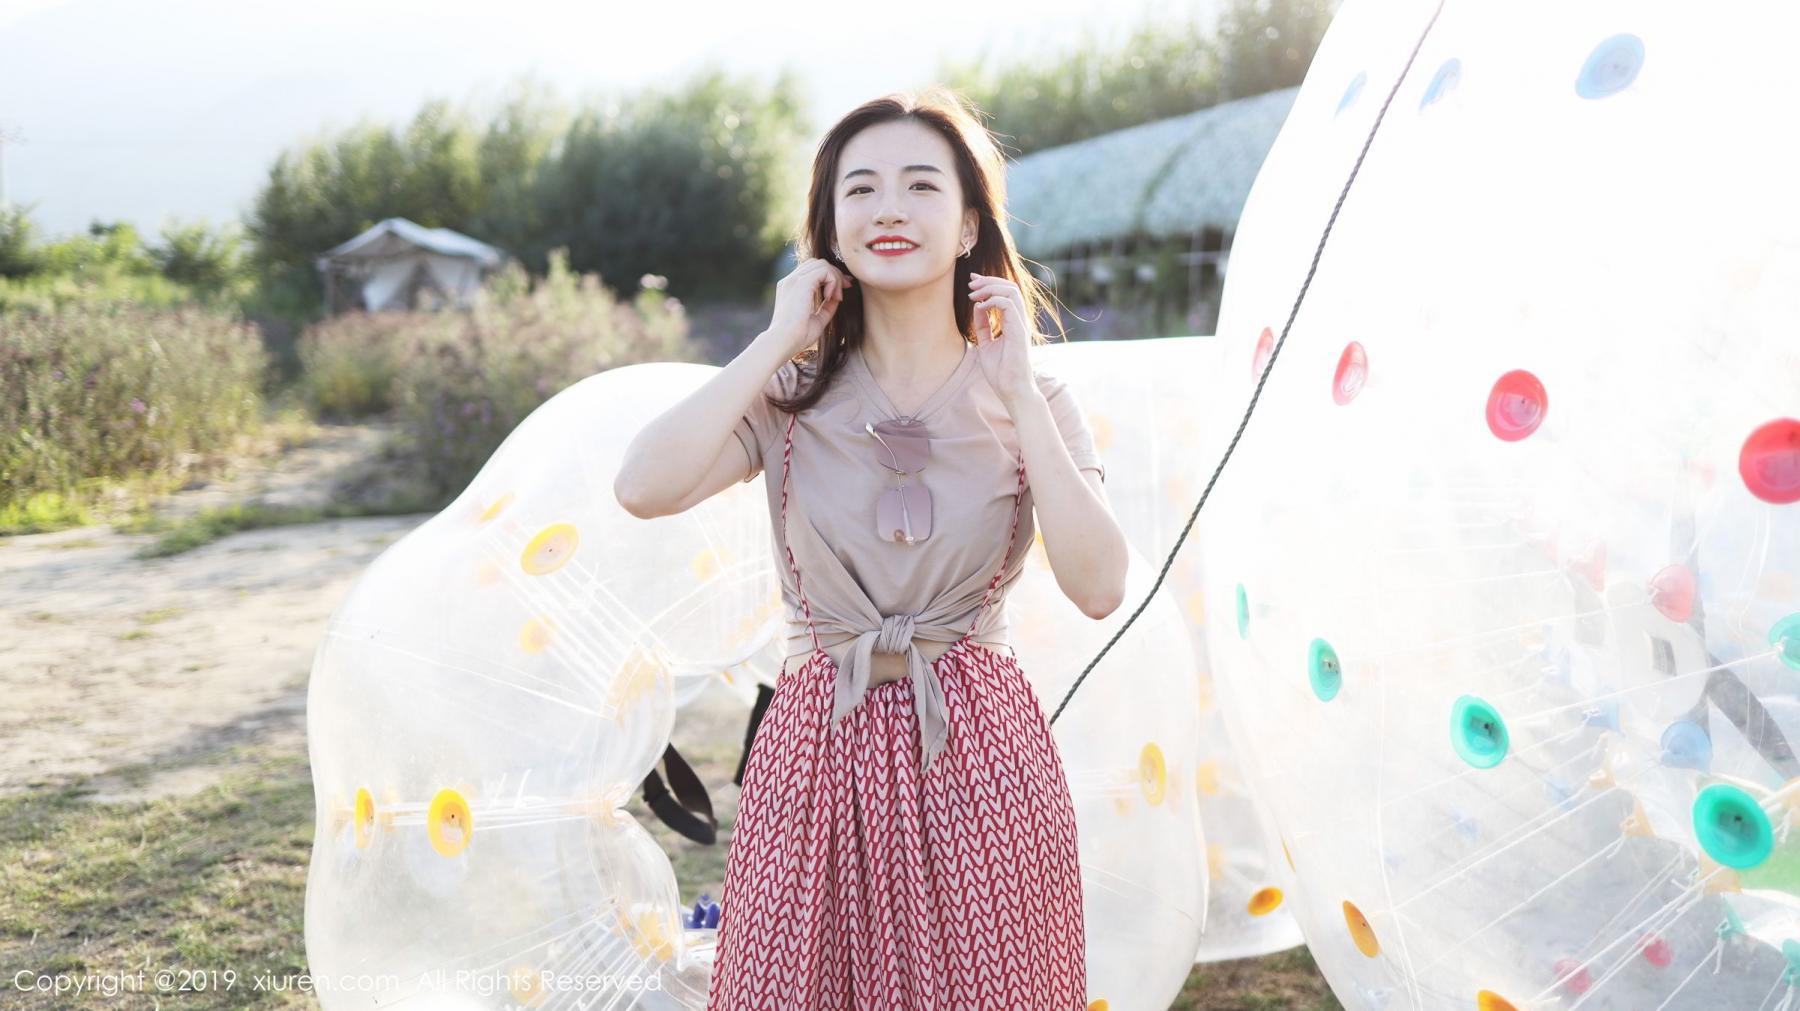 [XiuRen] Vol.1718 Gong Tian Yi 21P, Gong Tian Yi, Outdoor, Temperament, Xiuren